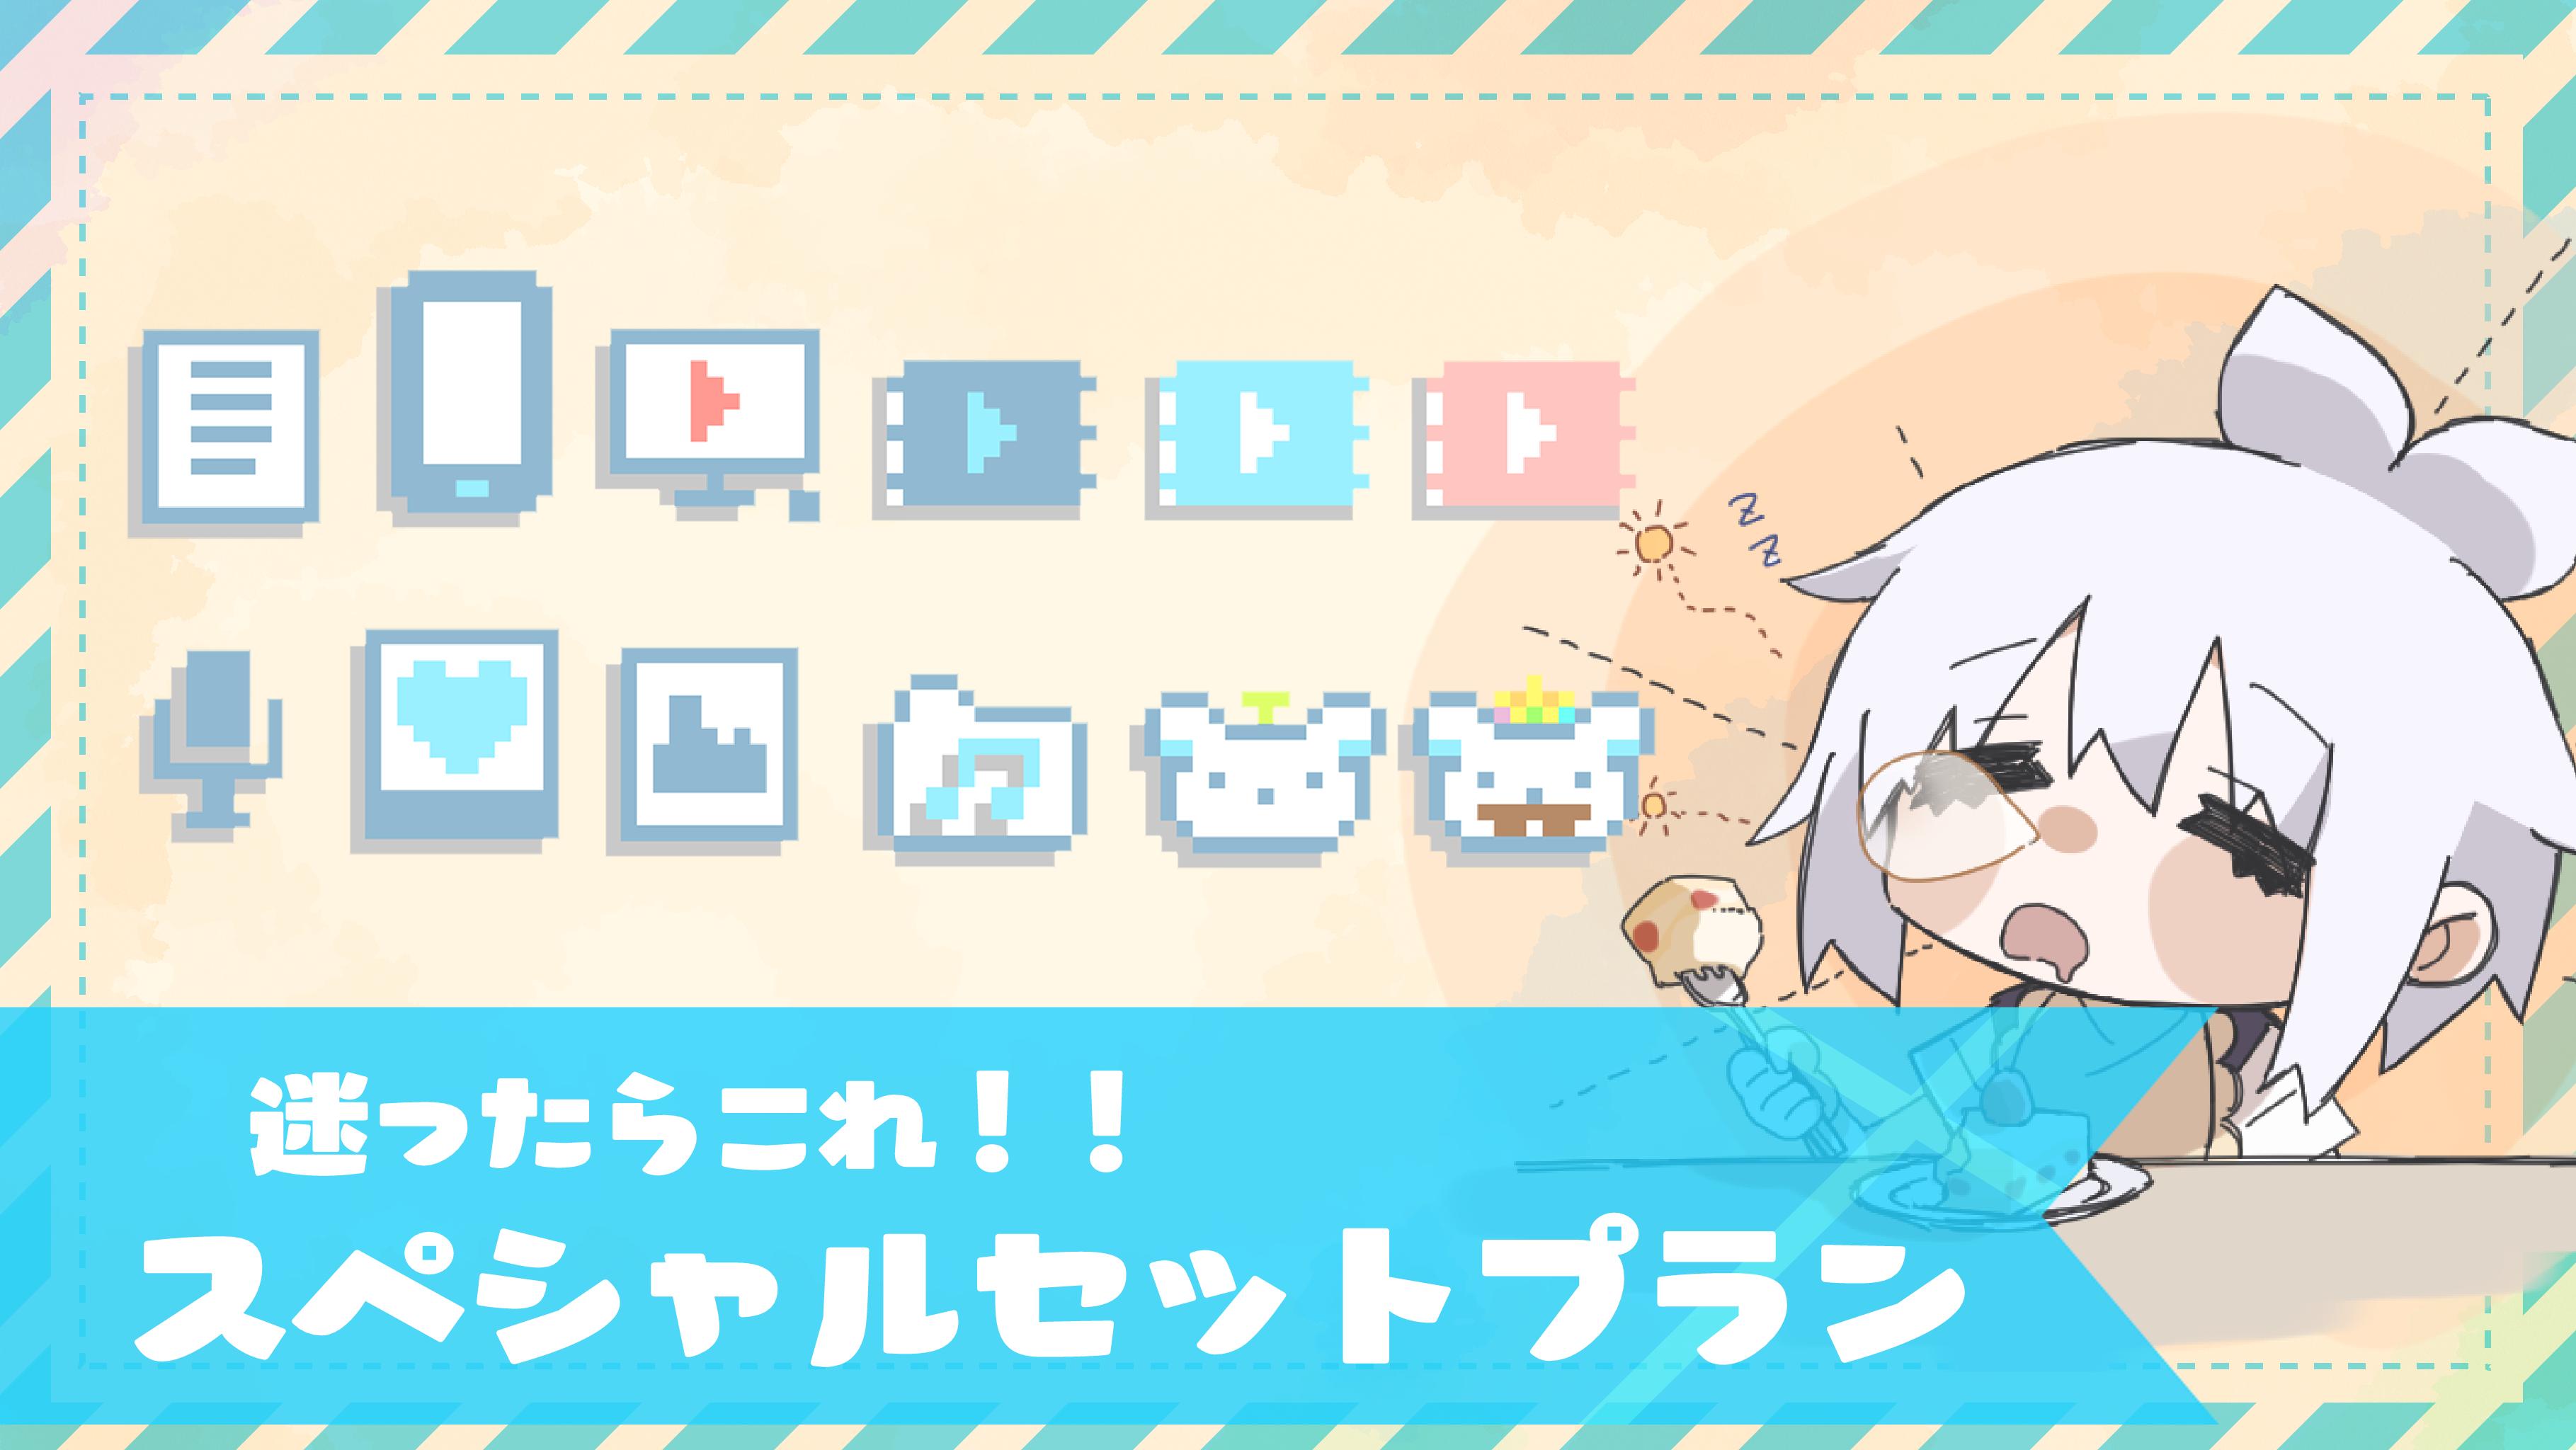 <迷ったらこれ!! スペシャルセットプラン>